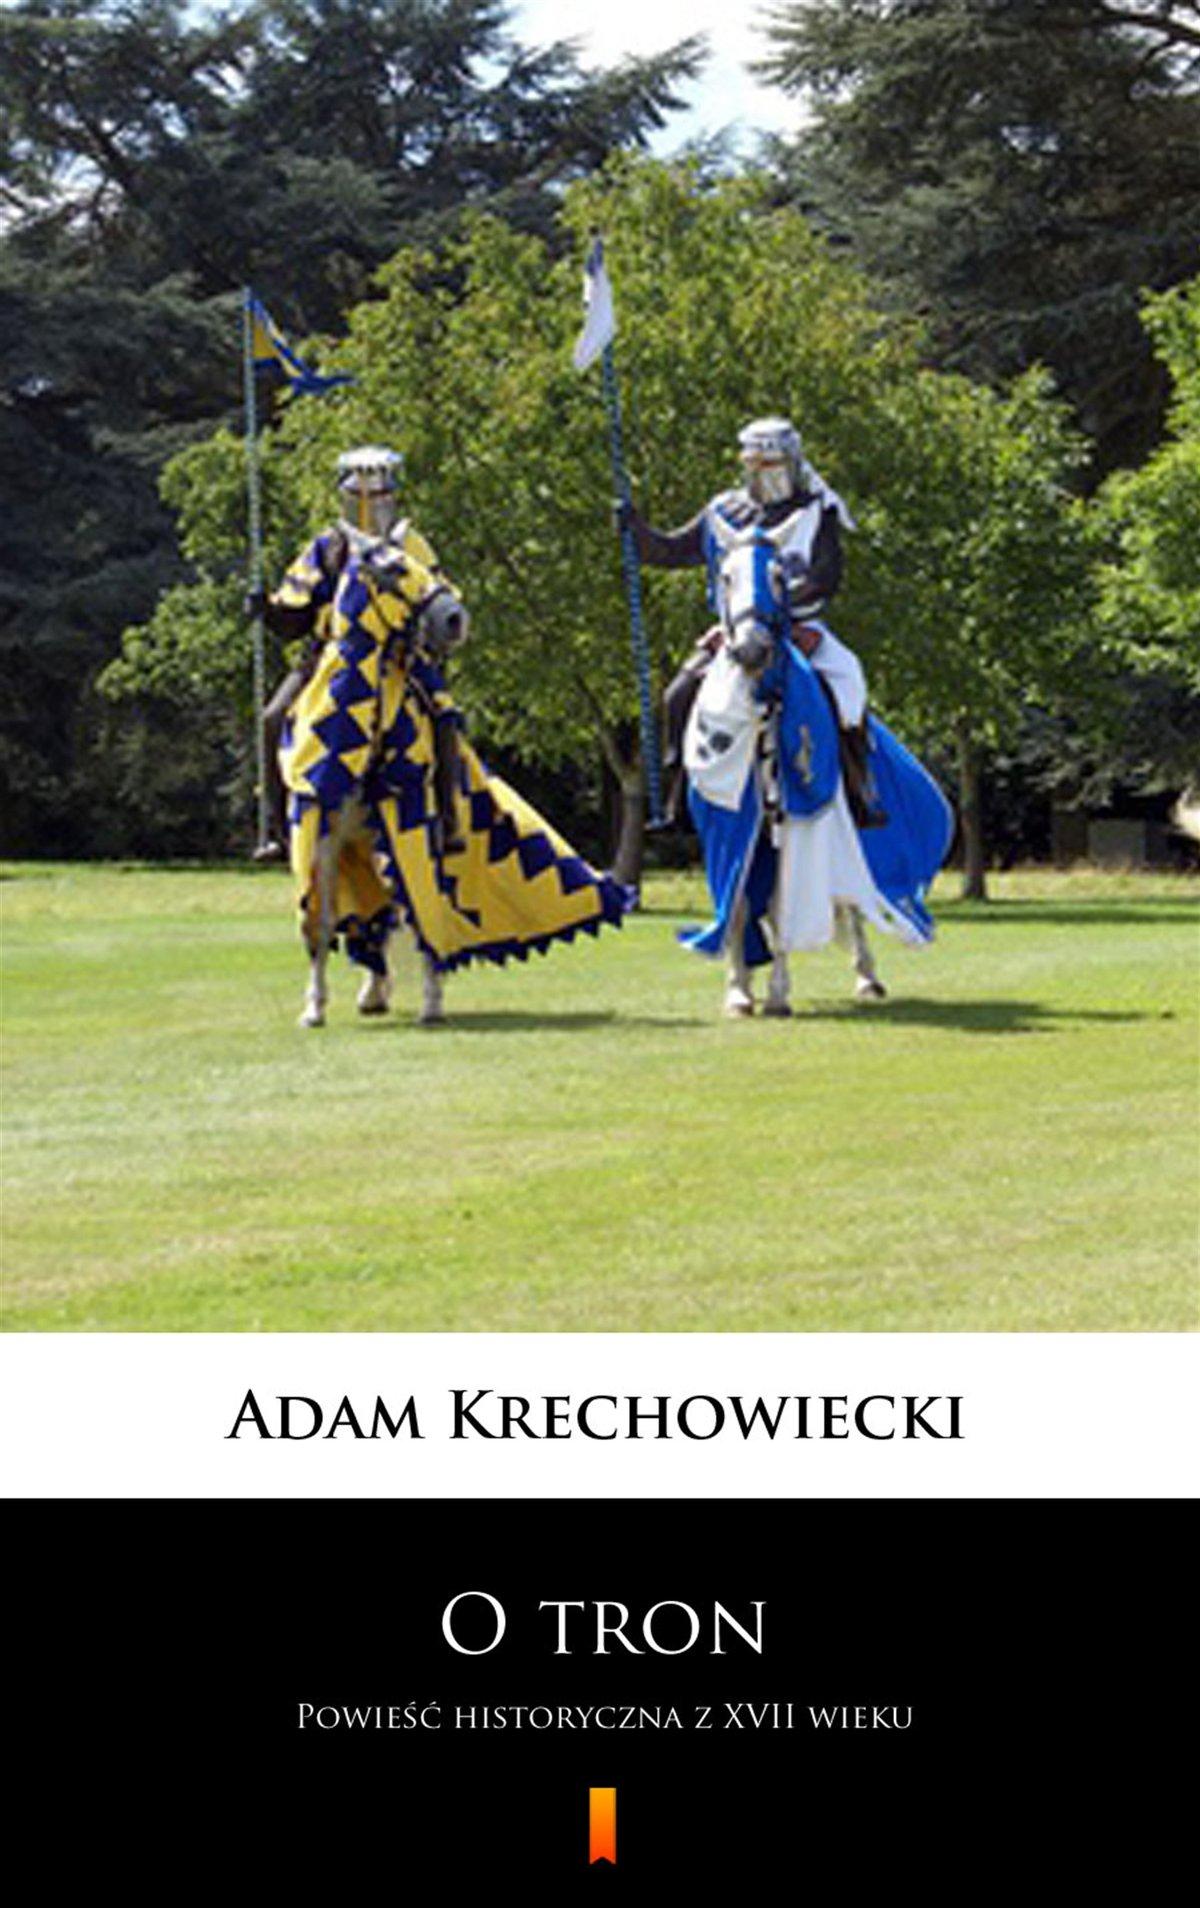 O tron - Ebook (Książka na Kindle) do pobrania w formacie MOBI